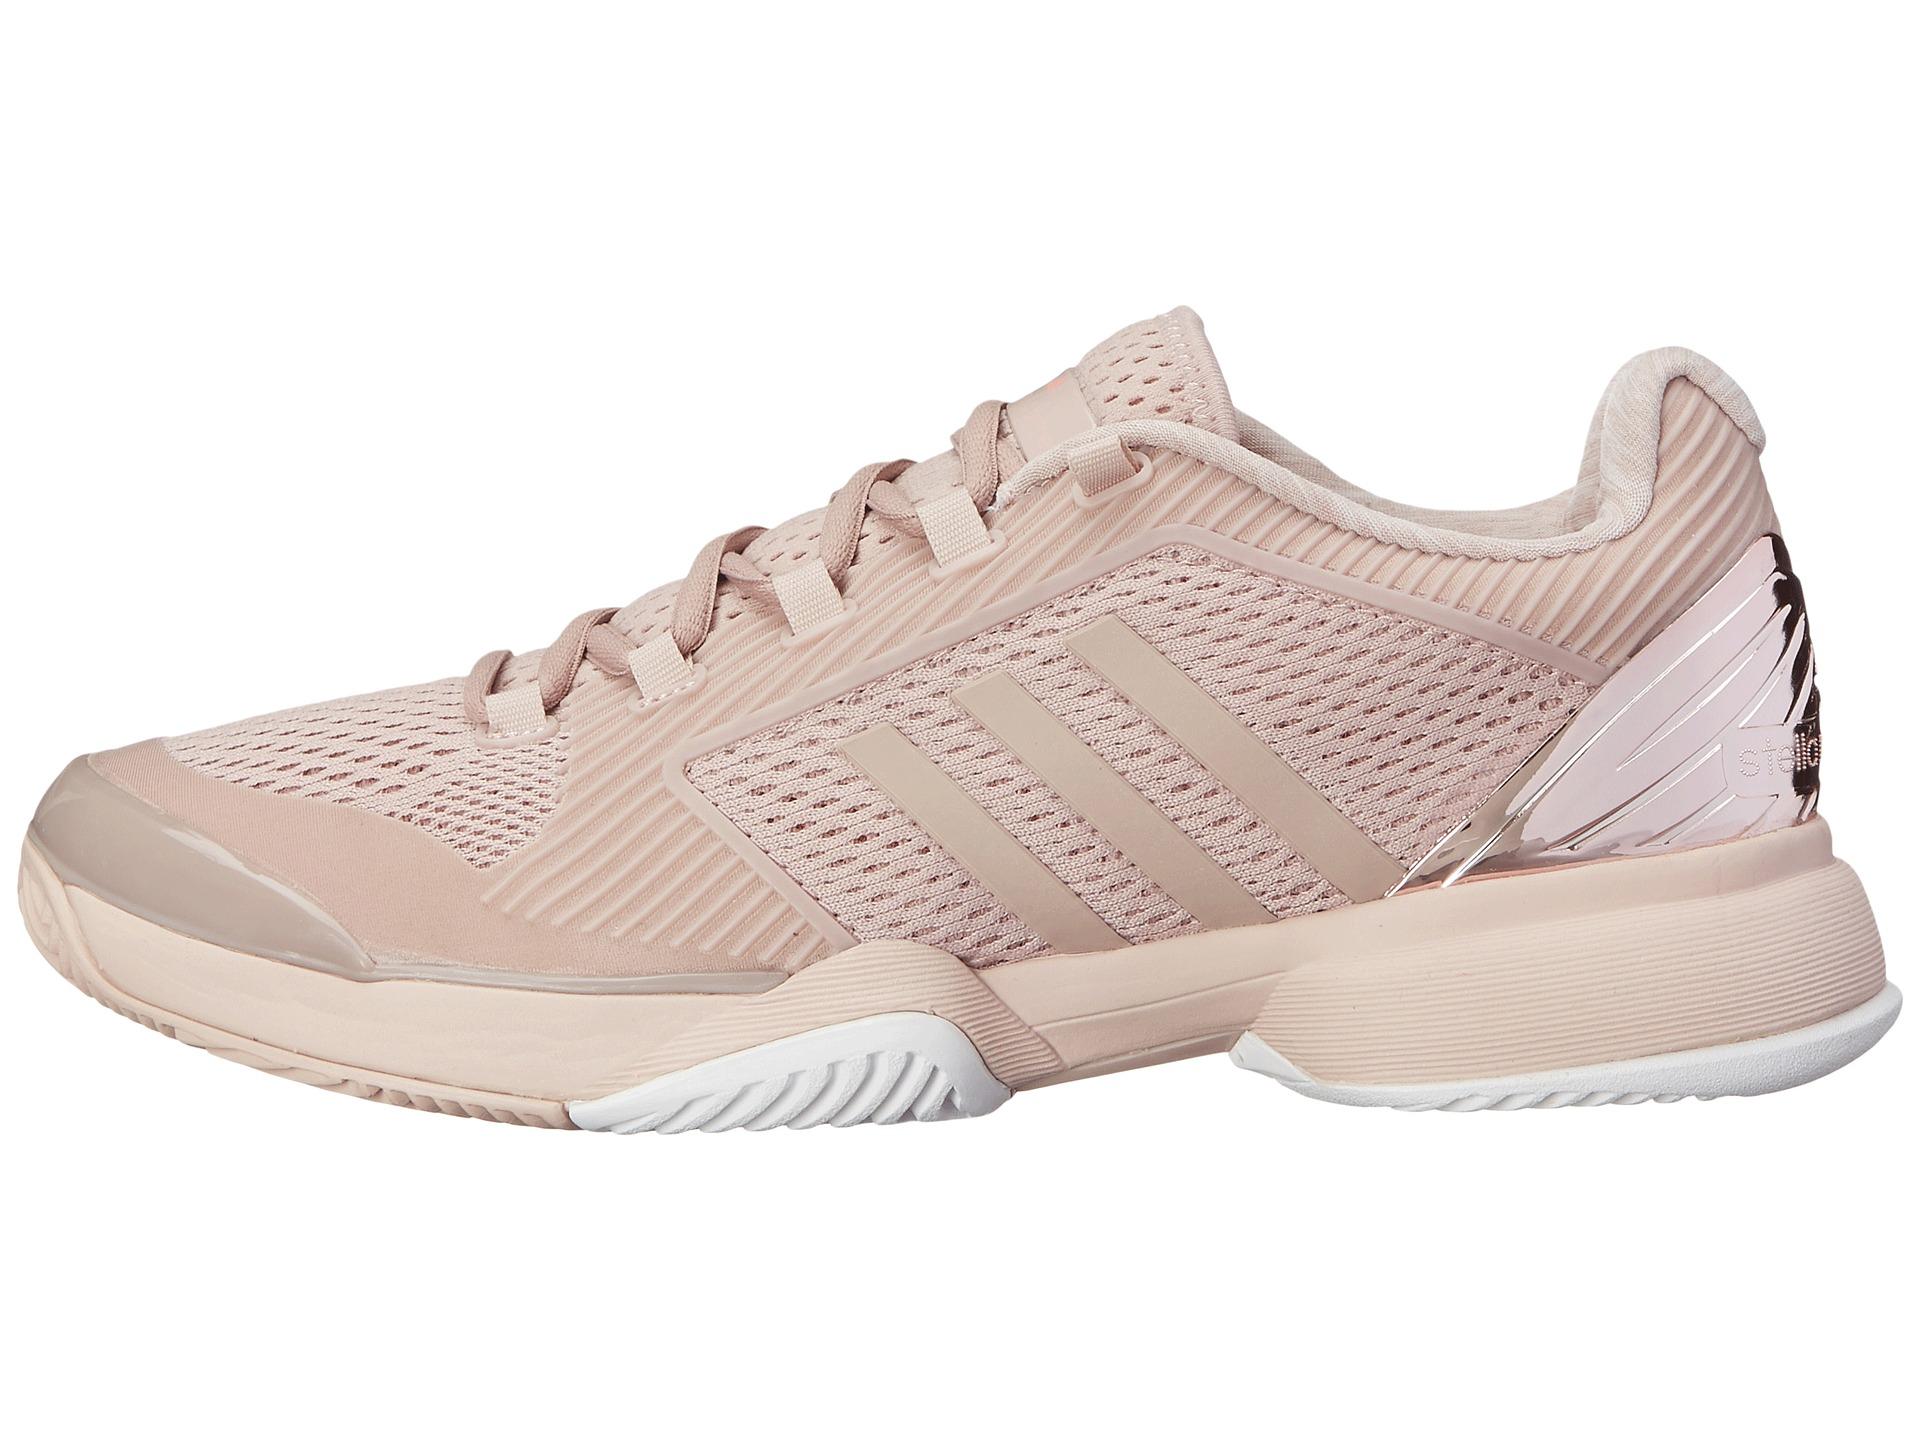 634255df3df01 adidas Stella Mccartney Barricade 2015 in Pink - Lyst